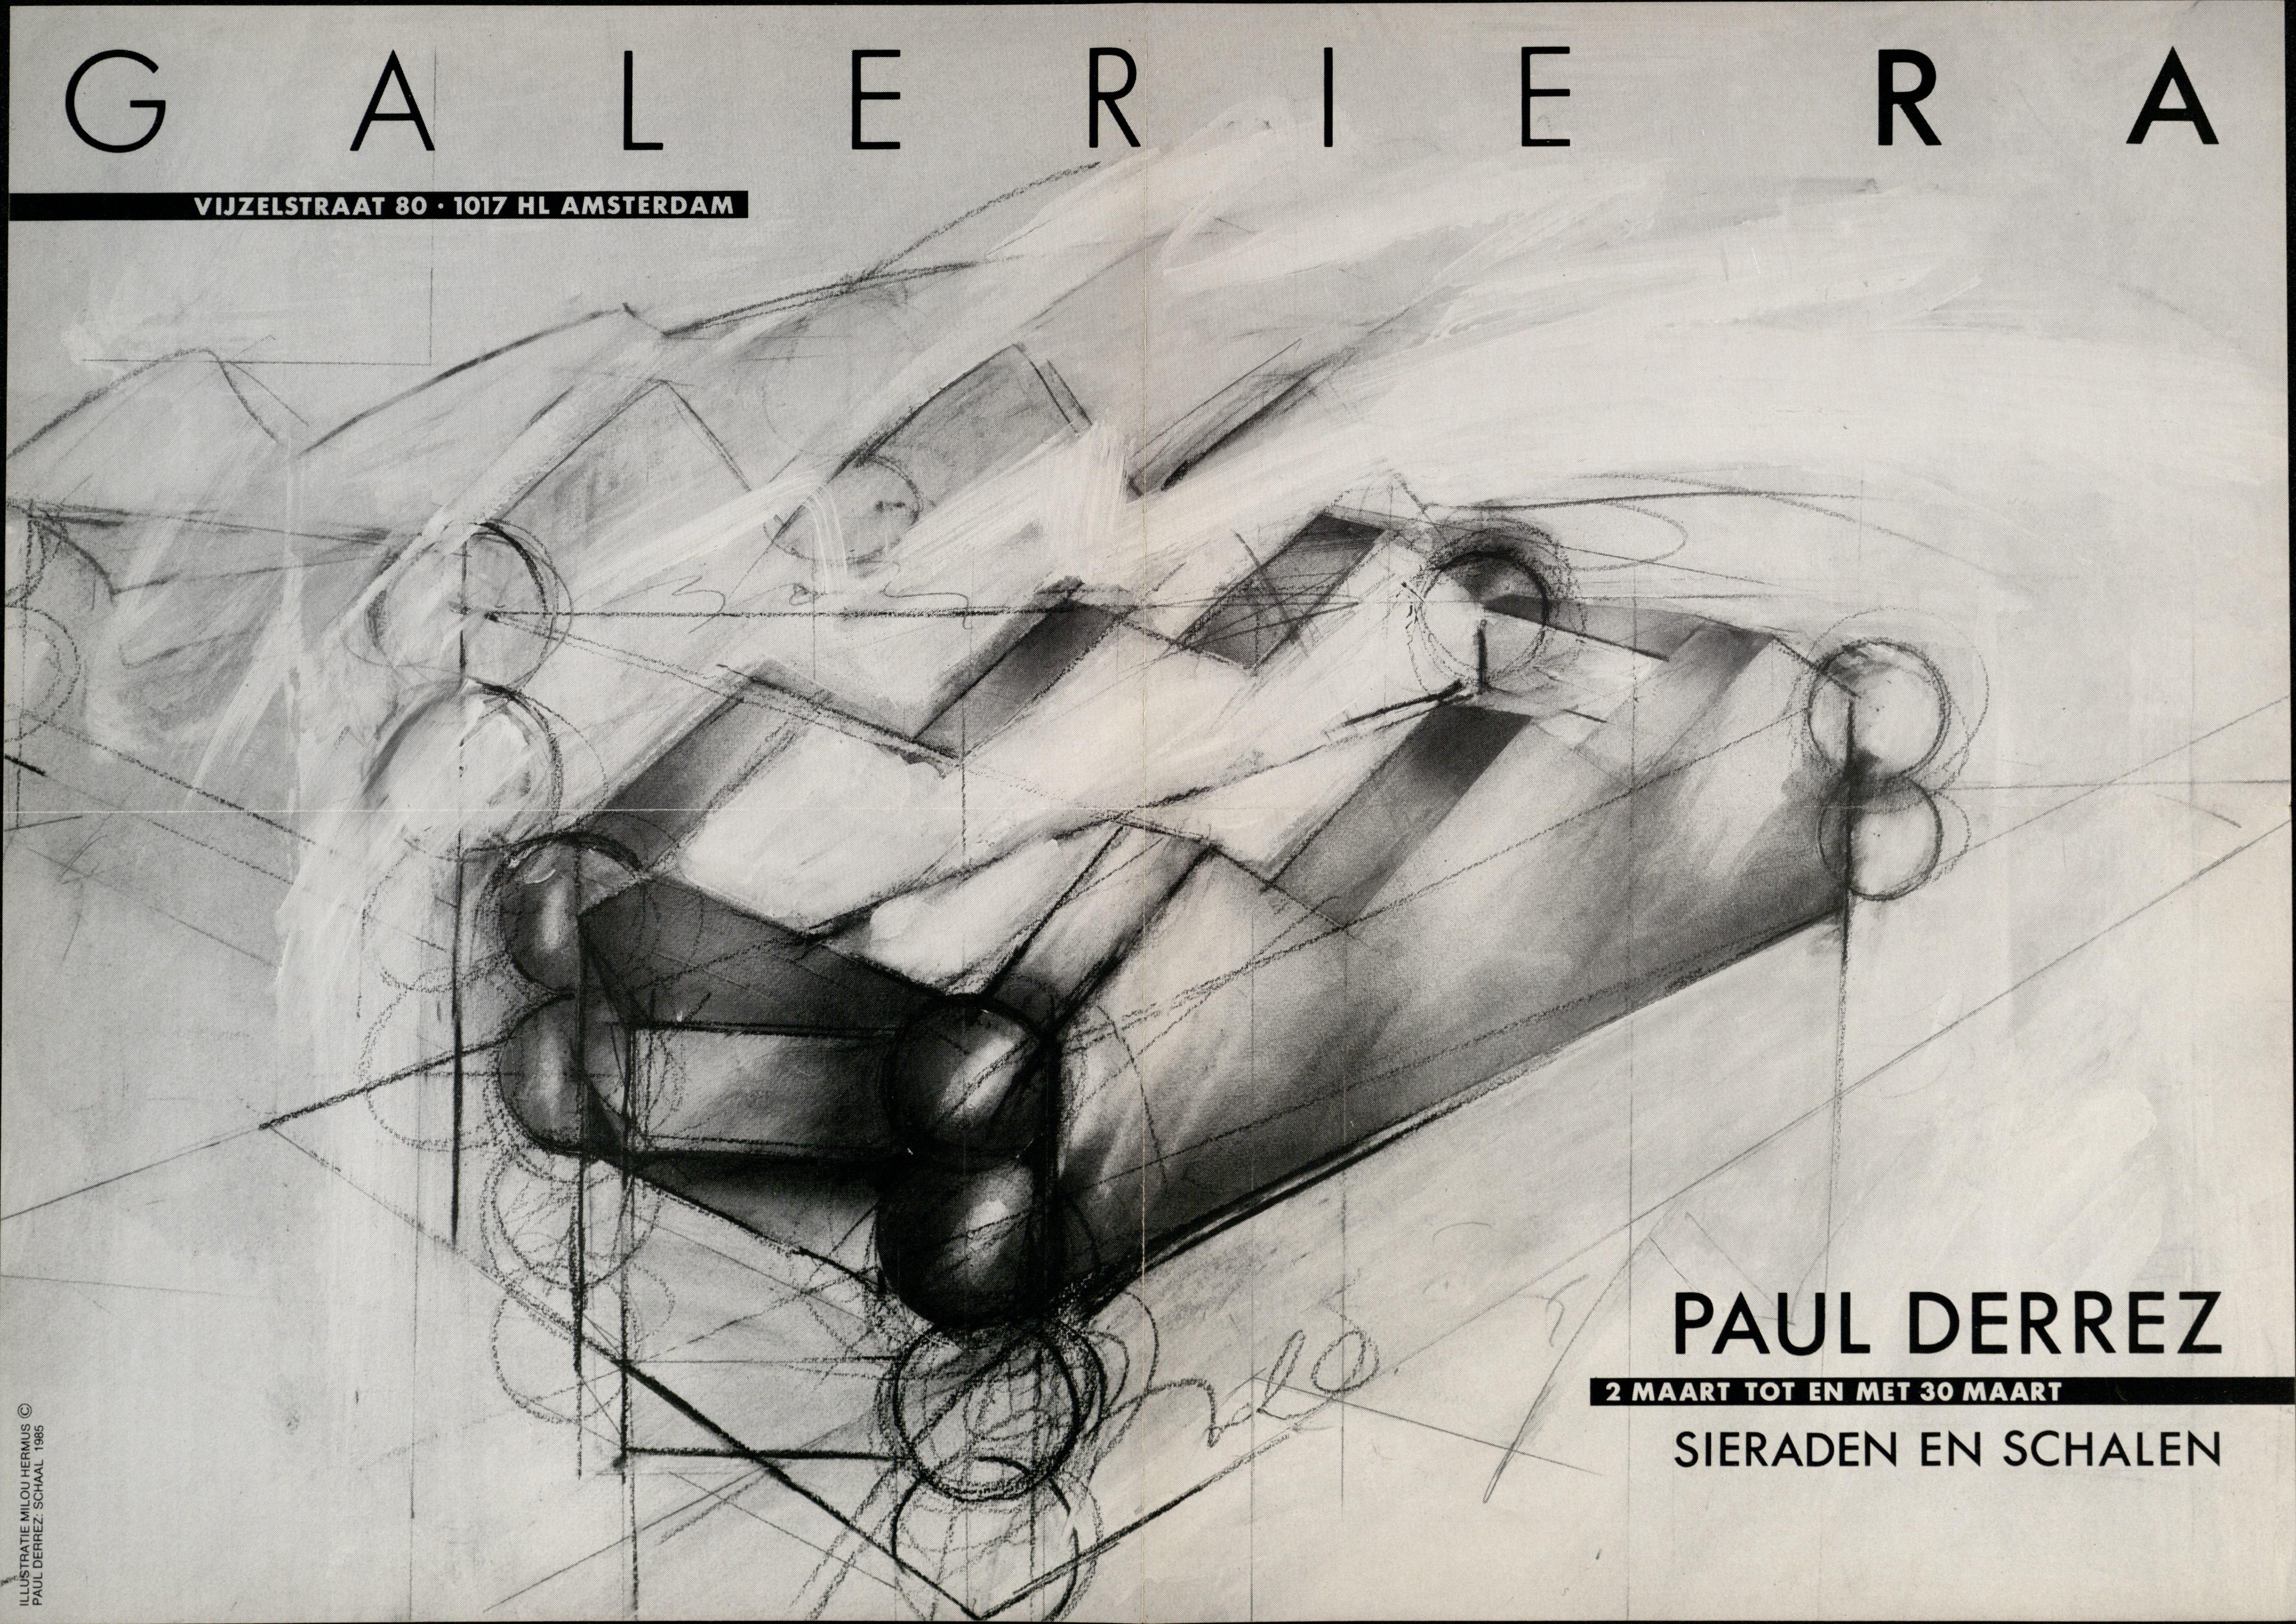 Ra Bulletin 16, februari/maart 1985, voorzijde met illustratie door Milou Hermus van schaal van Paul Derrez, papier, drukwerk